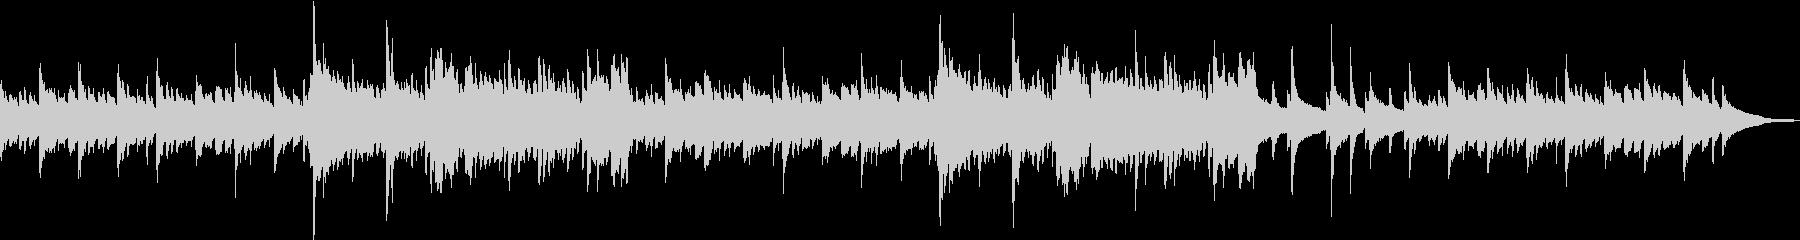 現代の交響曲 感情的 バラード フ...の未再生の波形